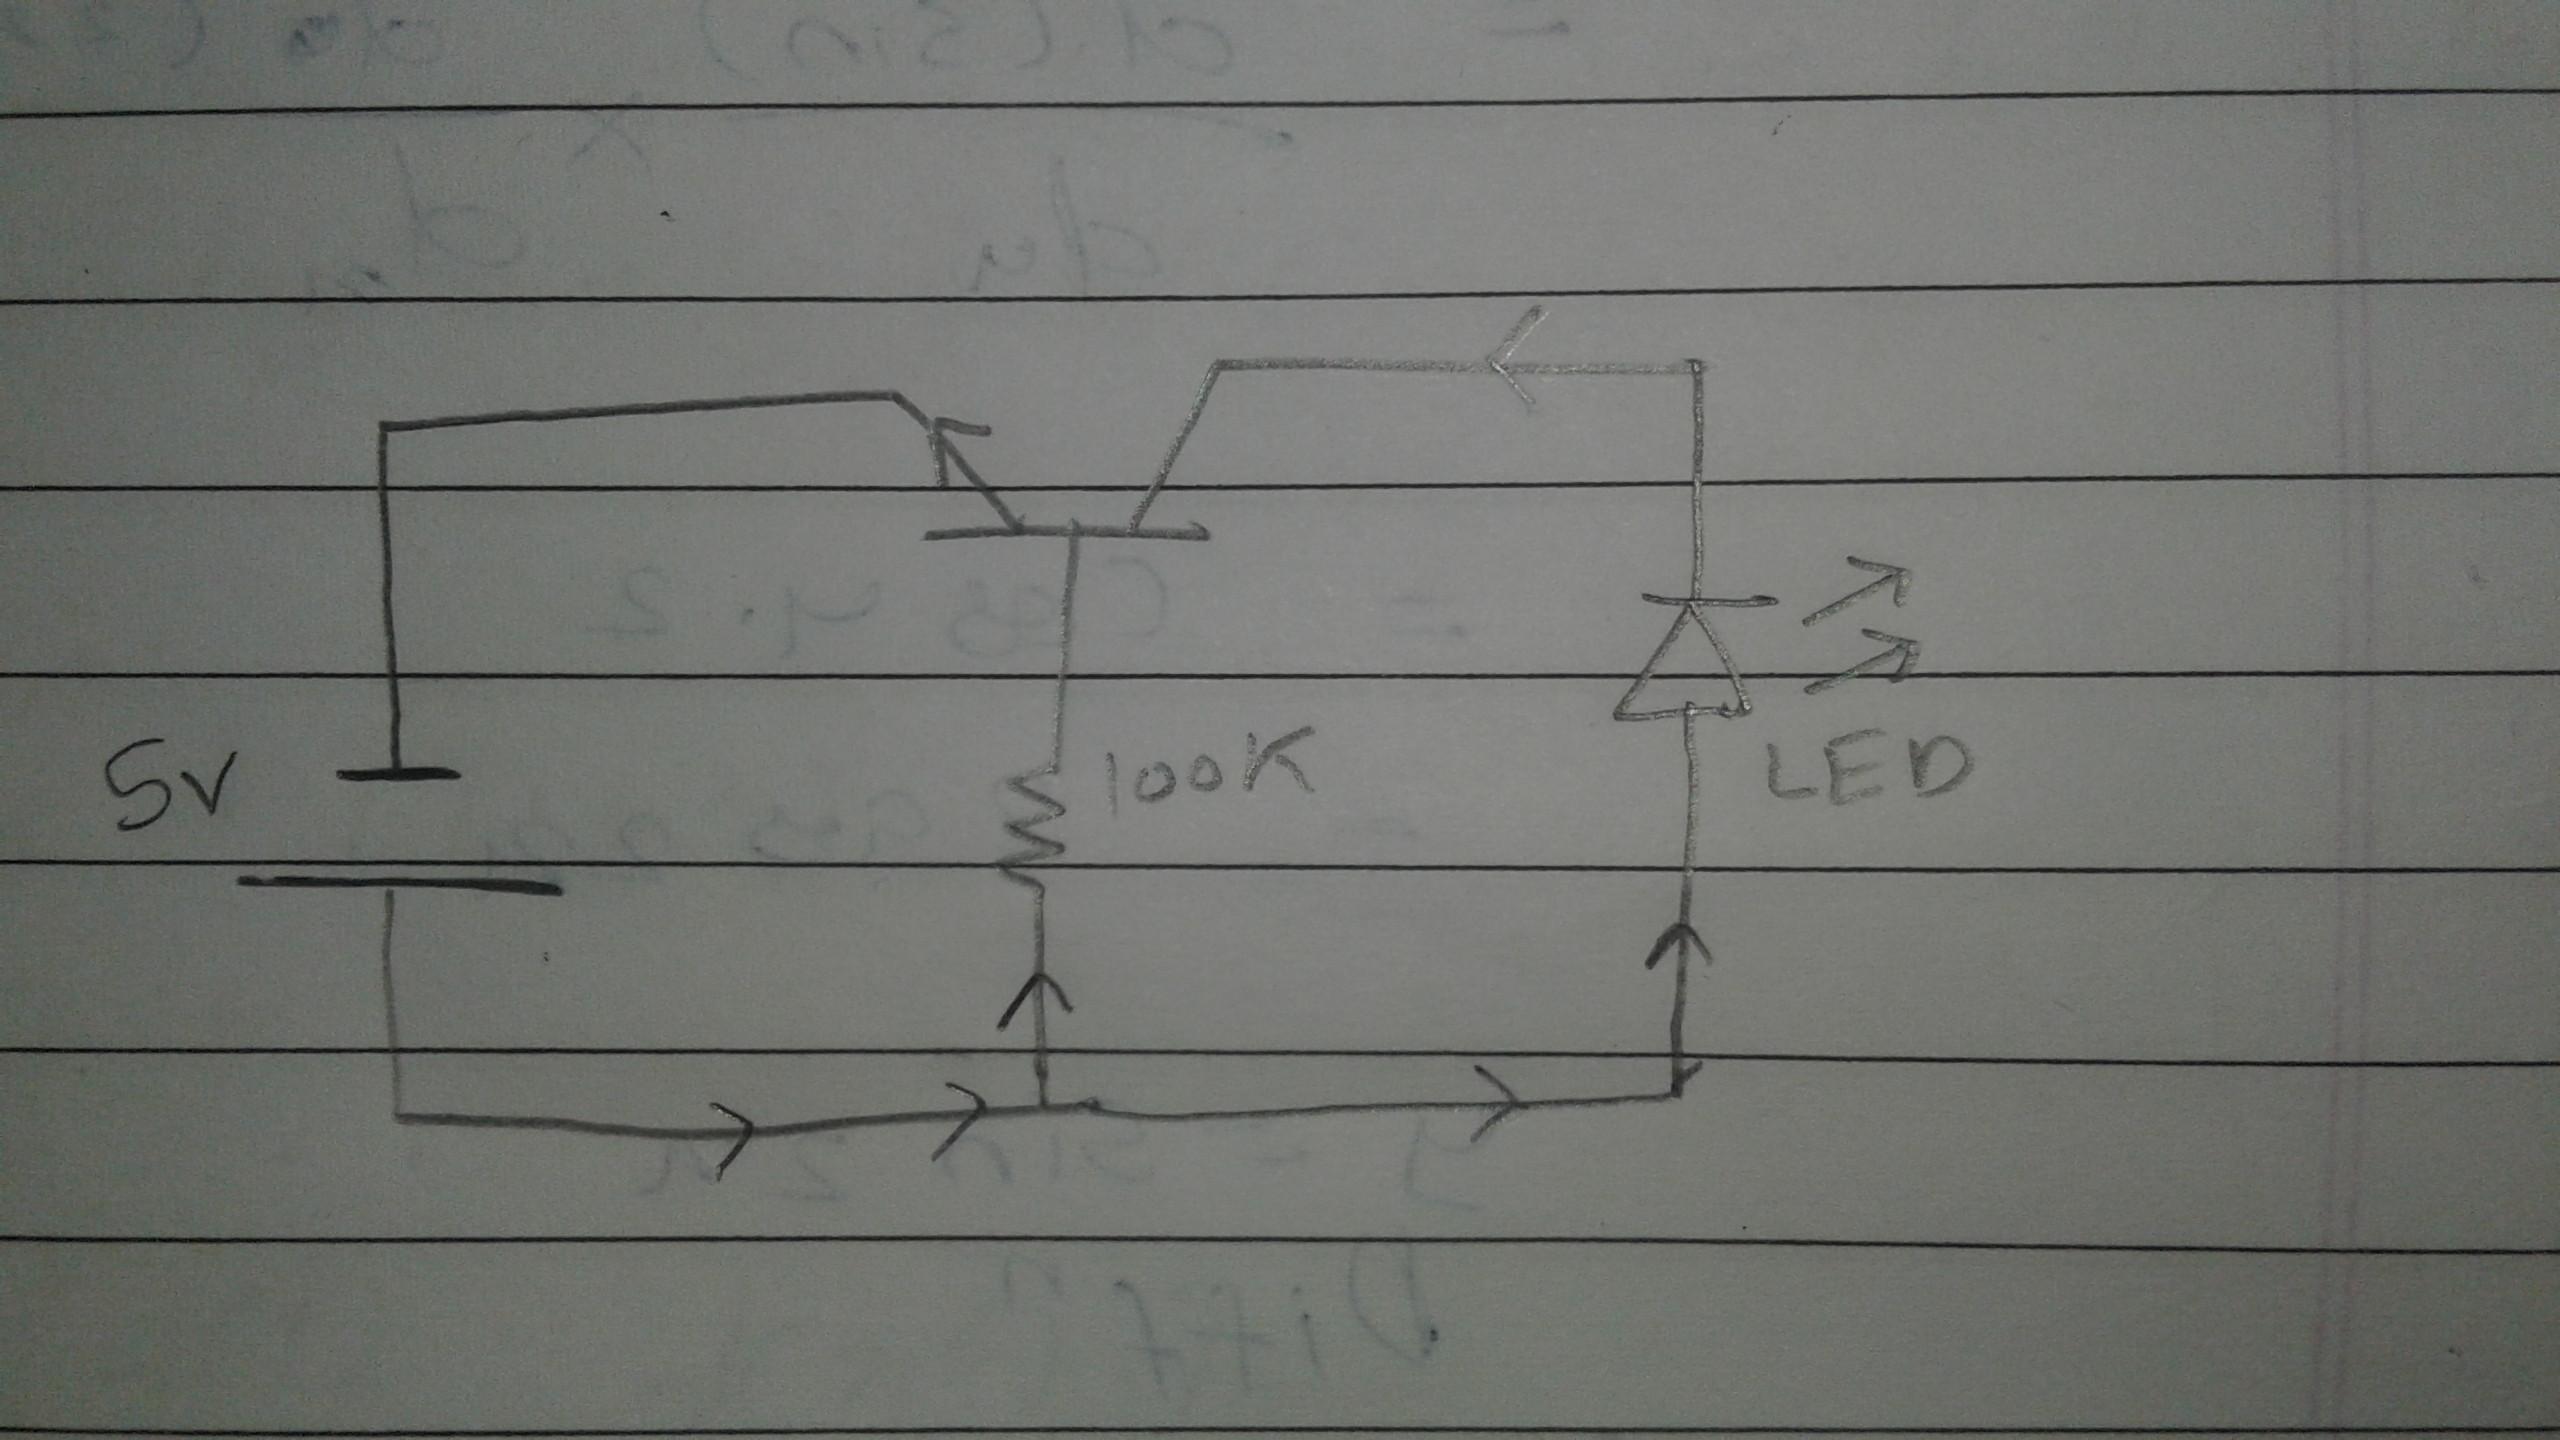 Circuitlab Basic Transistor